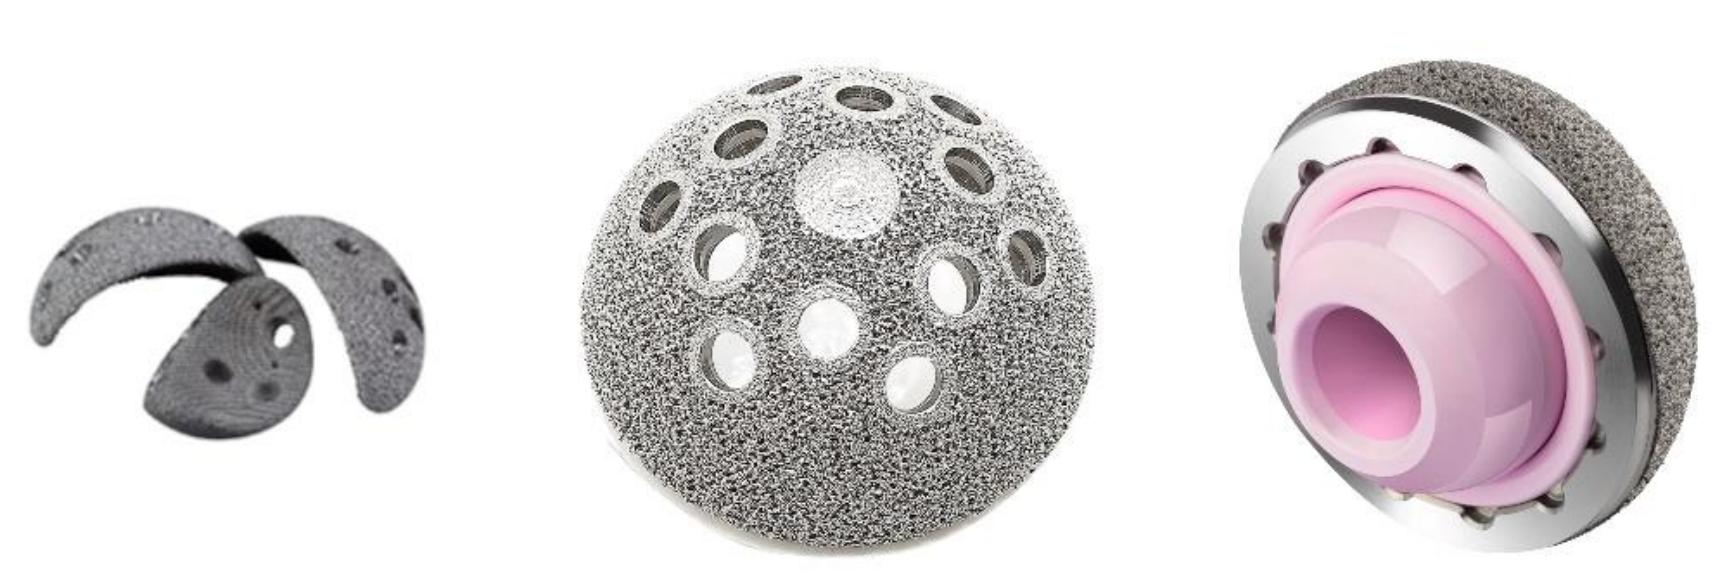 Implants 3D printed using the EBM Q10plus. Photo via GE.